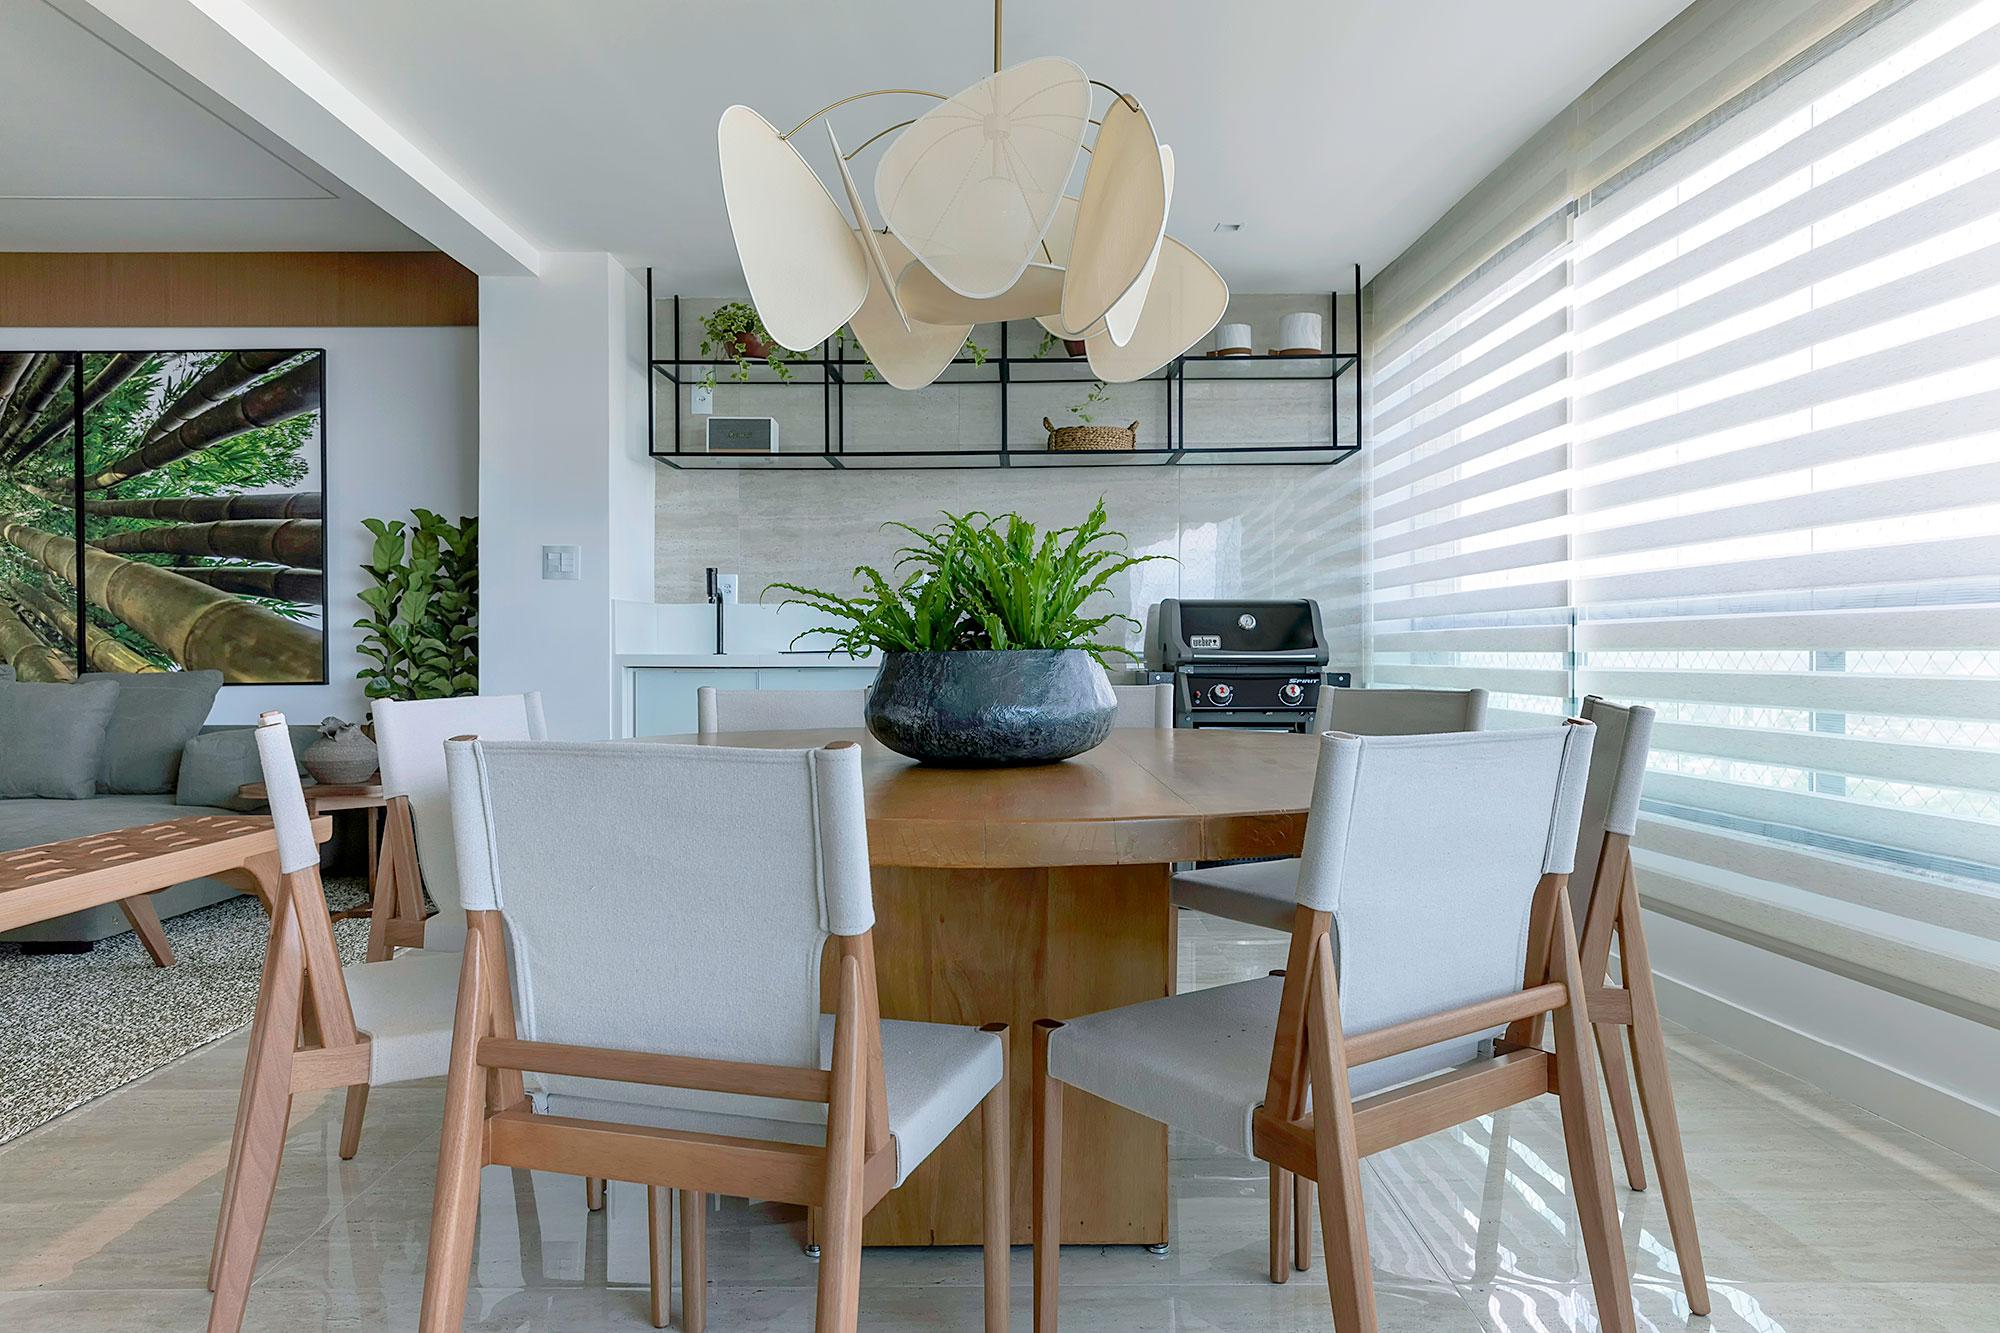 apartamento bambu jessica araújo casacor clean decoração interiores casa cozinha cadeira vista